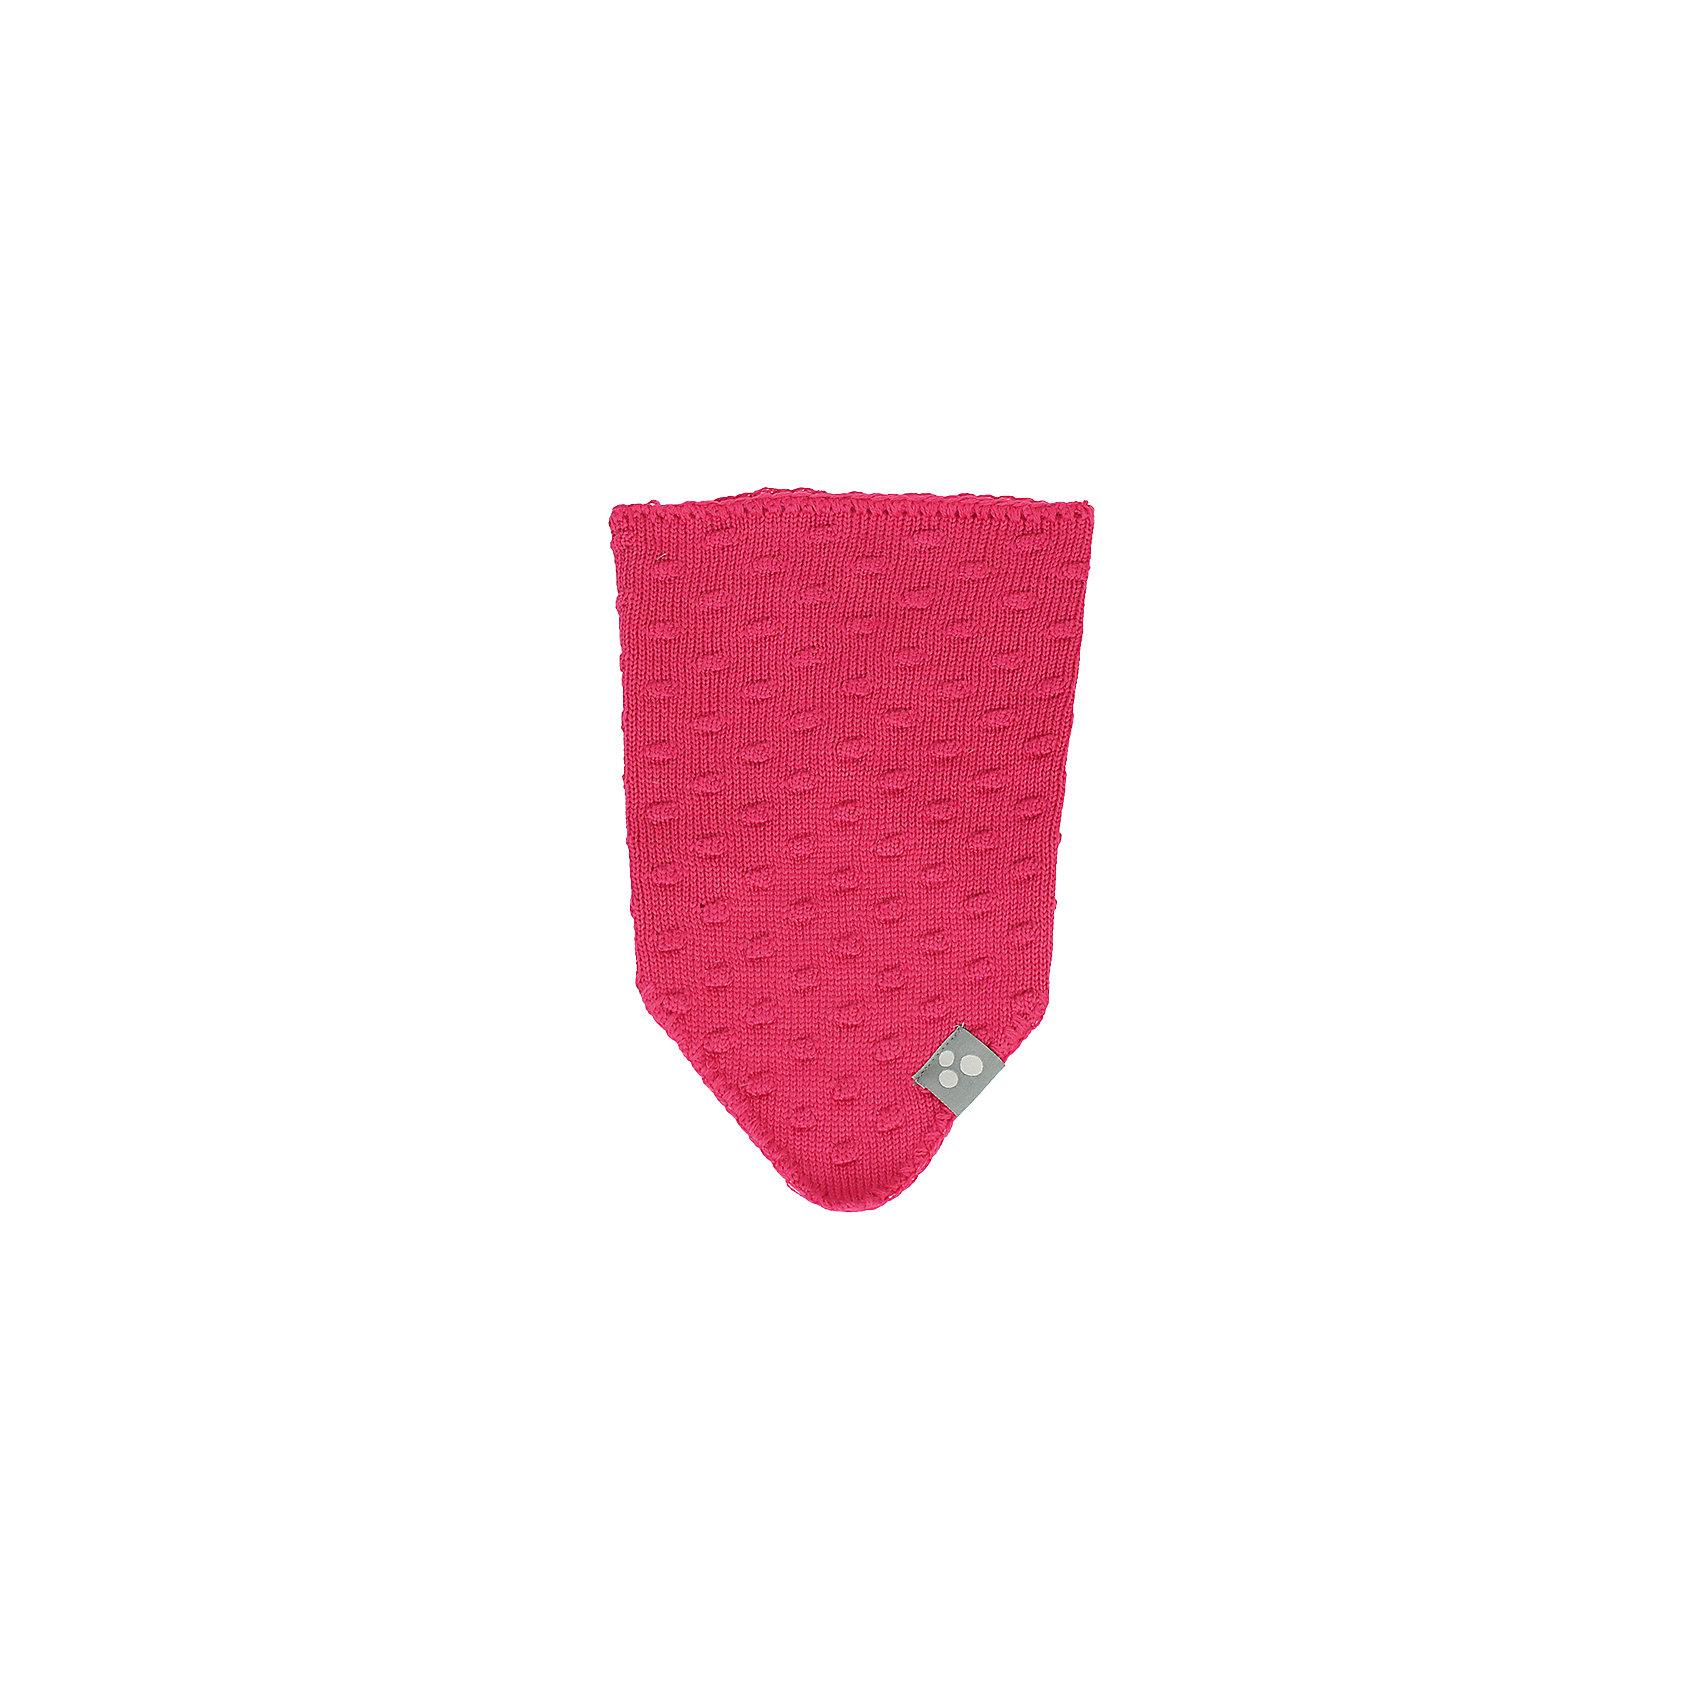 Манишка Huppa Lenna 1Верхняя одежда<br>Характеристики товара:<br><br>• модель: Lenna;<br>• цвет: фуксия;<br>• состав: 50% шерсть, 50% акрил;<br>• сезон: зима;<br>• температурный режим: от +5 до - 30С;<br>• застежка: три кнопки сзади;<br>• особенности: вязаная, шерстяная;<br>• светоотражающая нашивка;<br>• страна бренда: Финляндия;<br>• страна изготовитель: Эстония.<br><br>Детская манишка Lenna 1. Детская яркая манишка придаст индивидуальность и защитит шею вашего ребенка в холодную погоду. Манишка застегивается на три кнопки сзади.<br><br>Манишку Huppa Lenna 1 (Хуппа) можно купить в нашем интернет-магазине.<br><br>Ширина мм: 88<br>Глубина мм: 155<br>Высота мм: 26<br>Вес г: 106<br>Цвет: фуксия<br>Возраст от месяцев: 0<br>Возраст до месяцев: 3<br>Пол: Унисекс<br>Возраст: Детский<br>Размер: one size<br>SKU: 7027740